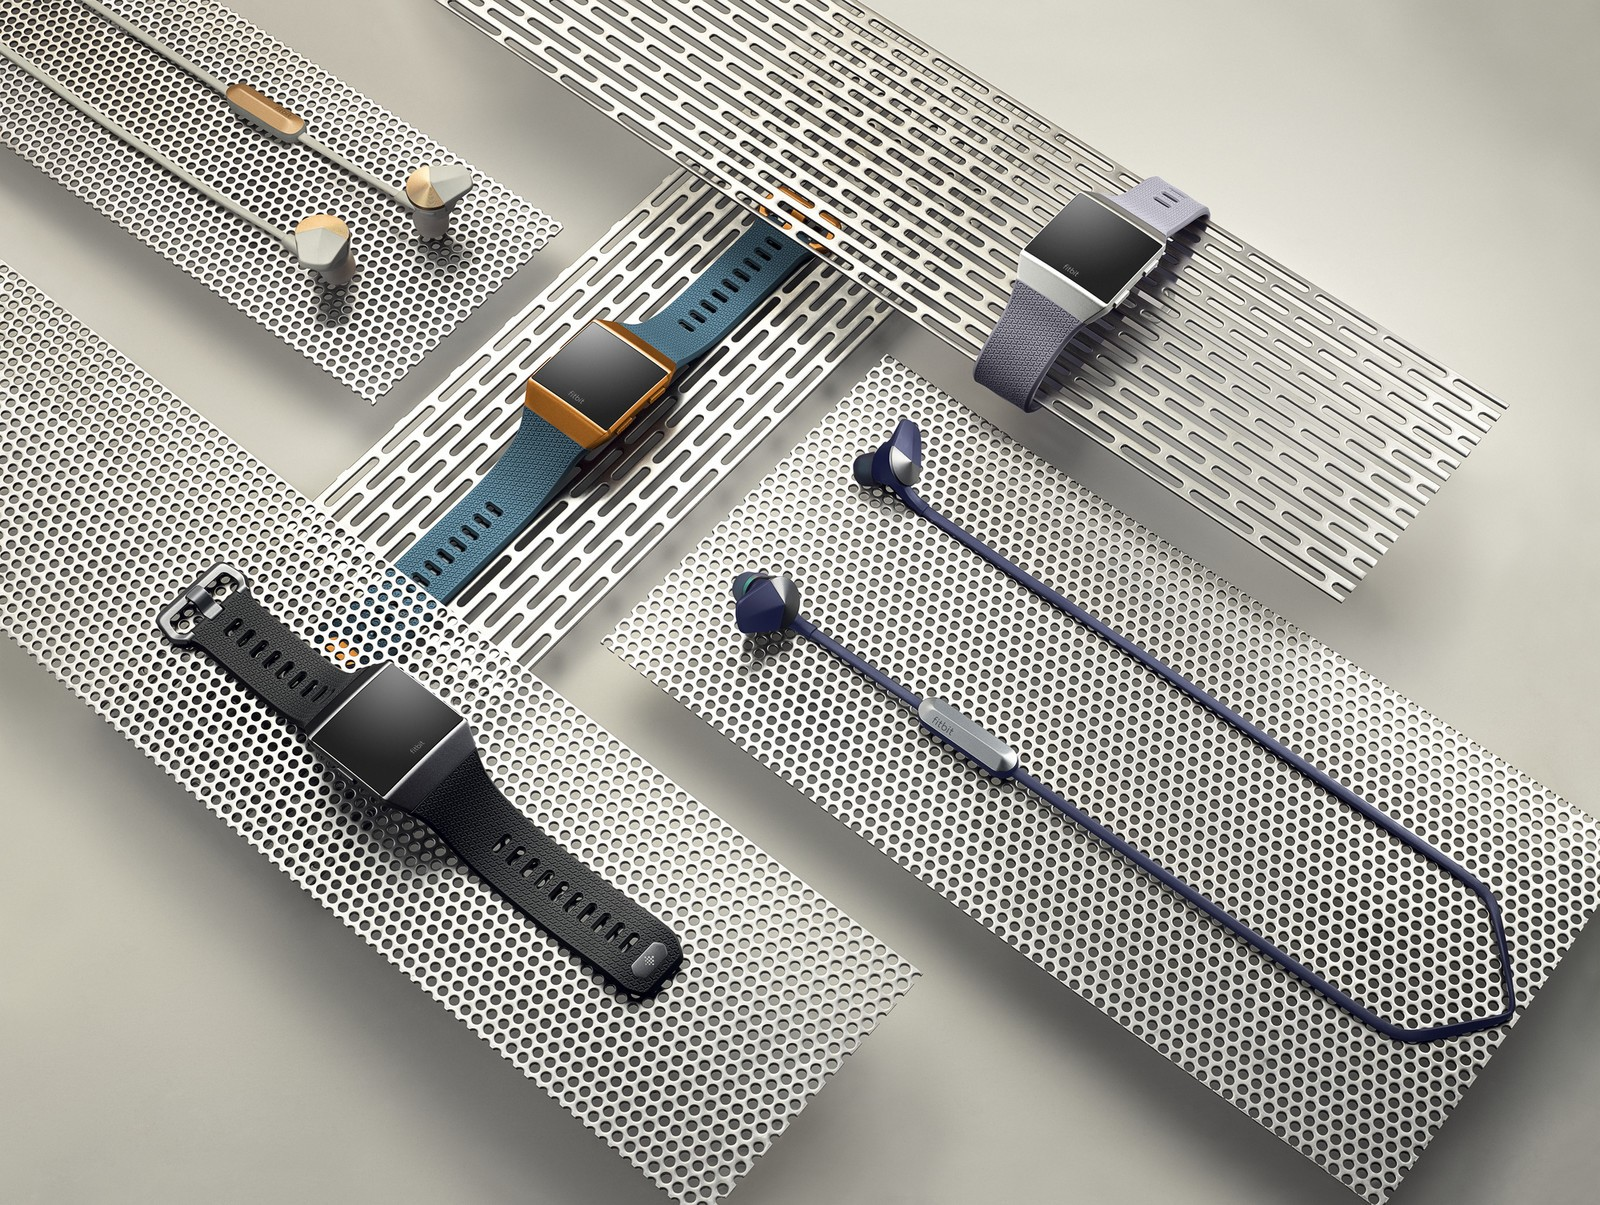 fitbit connect montre